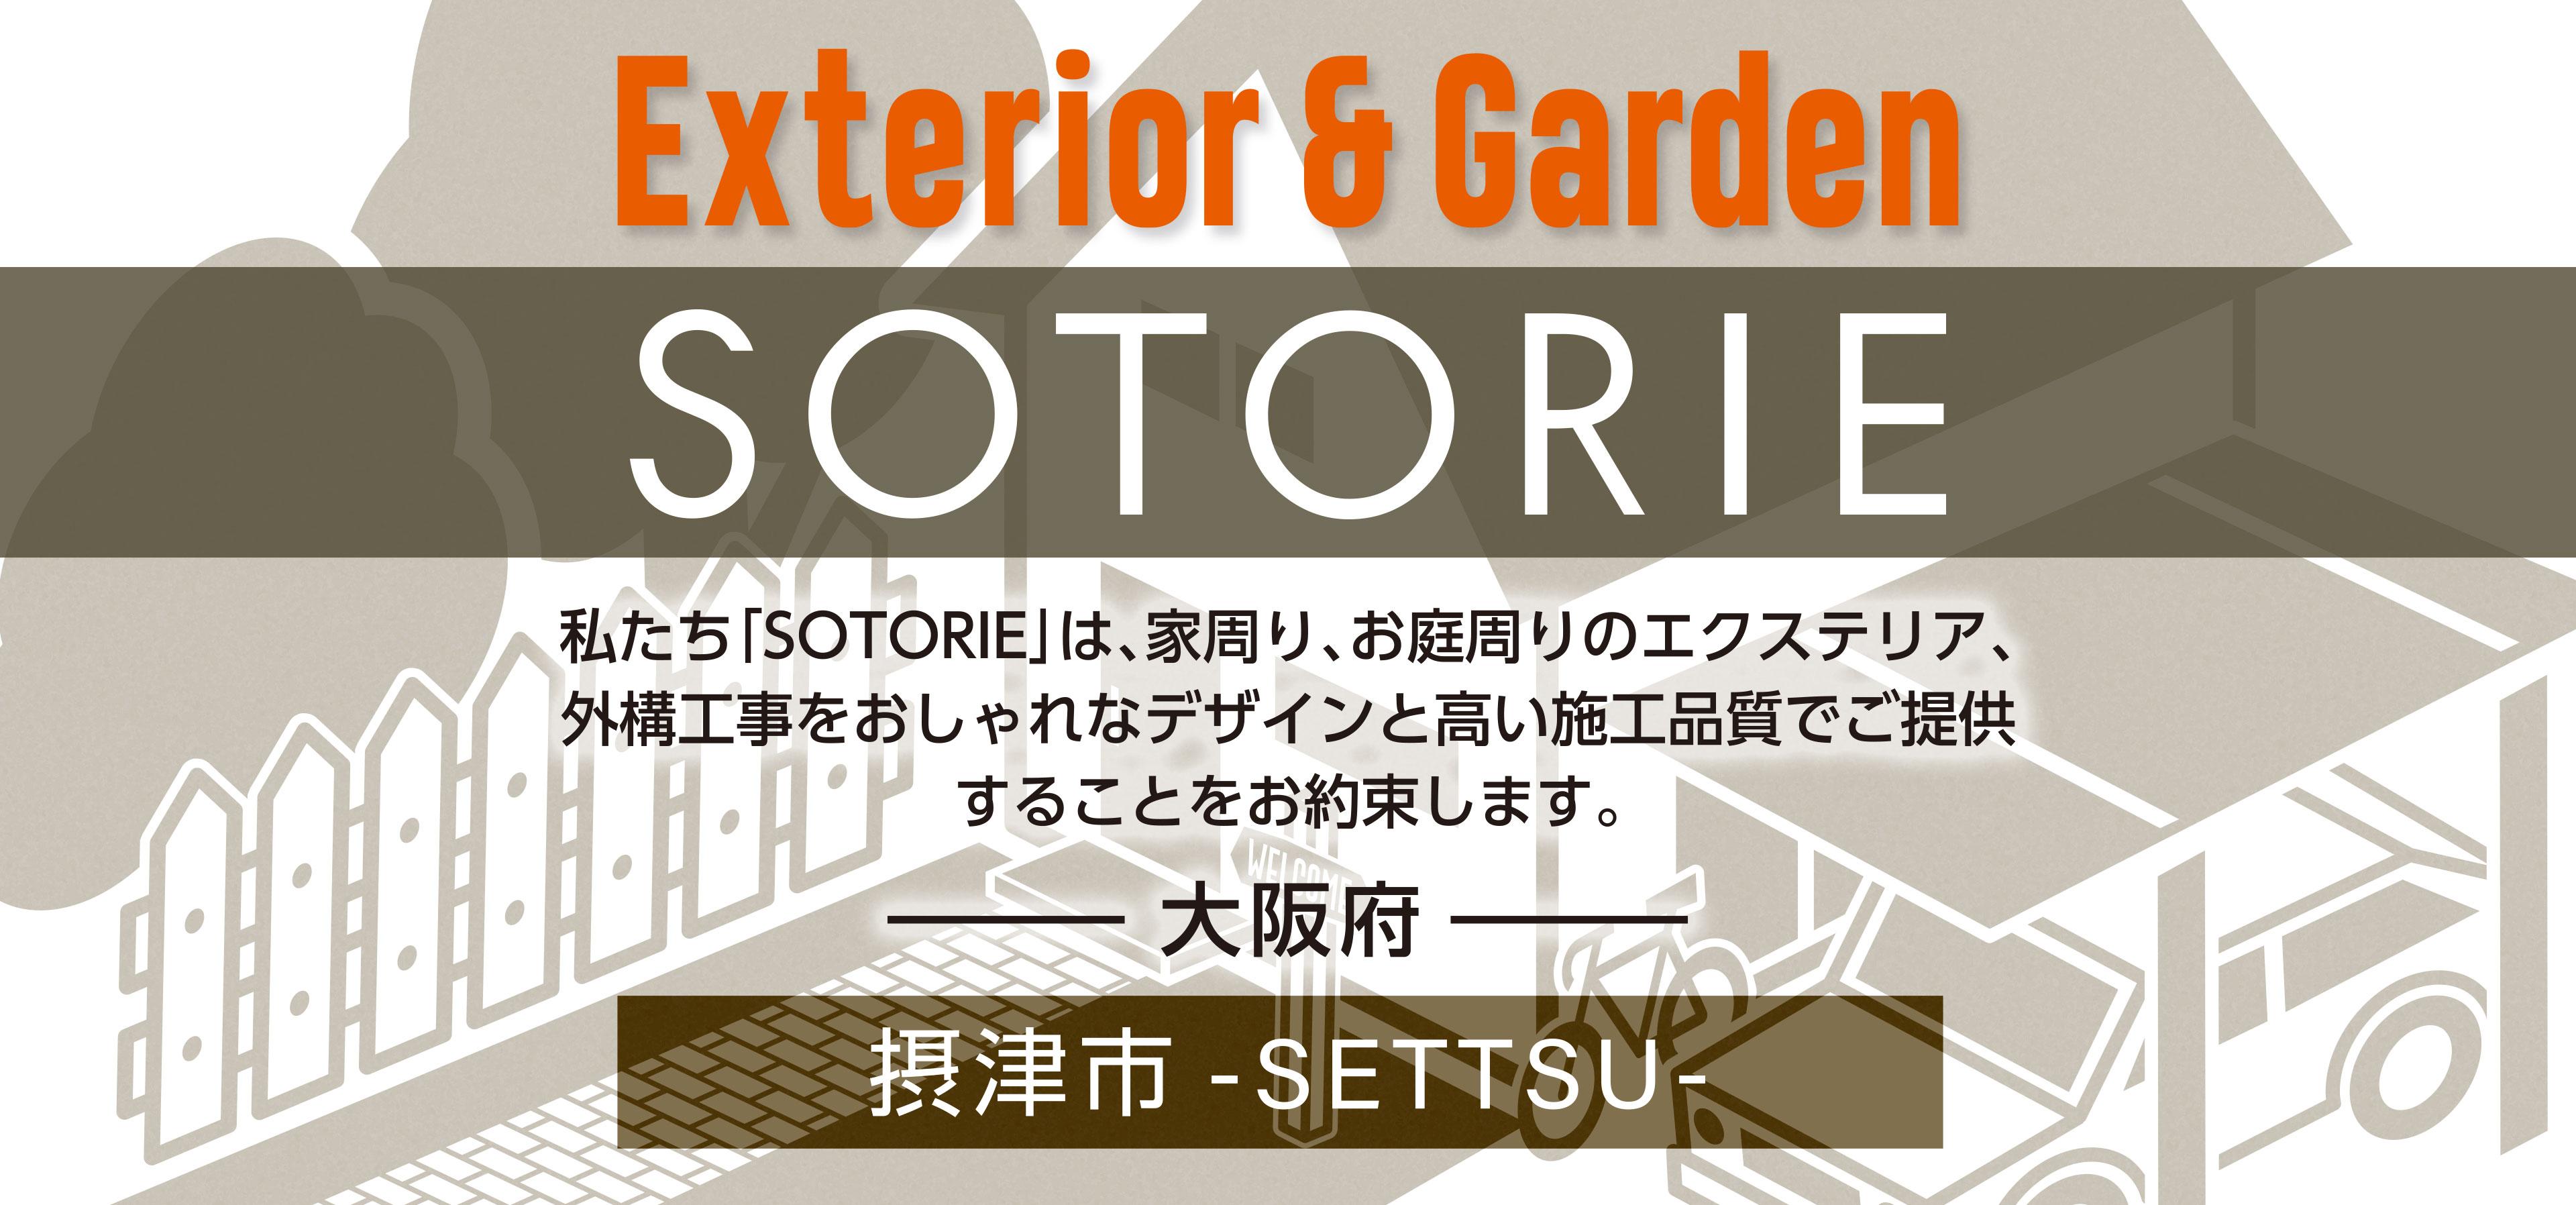 ソトリエ摂津市では、家周りと庭周りの外構、エクステリア工事をおしゃれなデザインと高い施工品質でご提供することをお約束します。